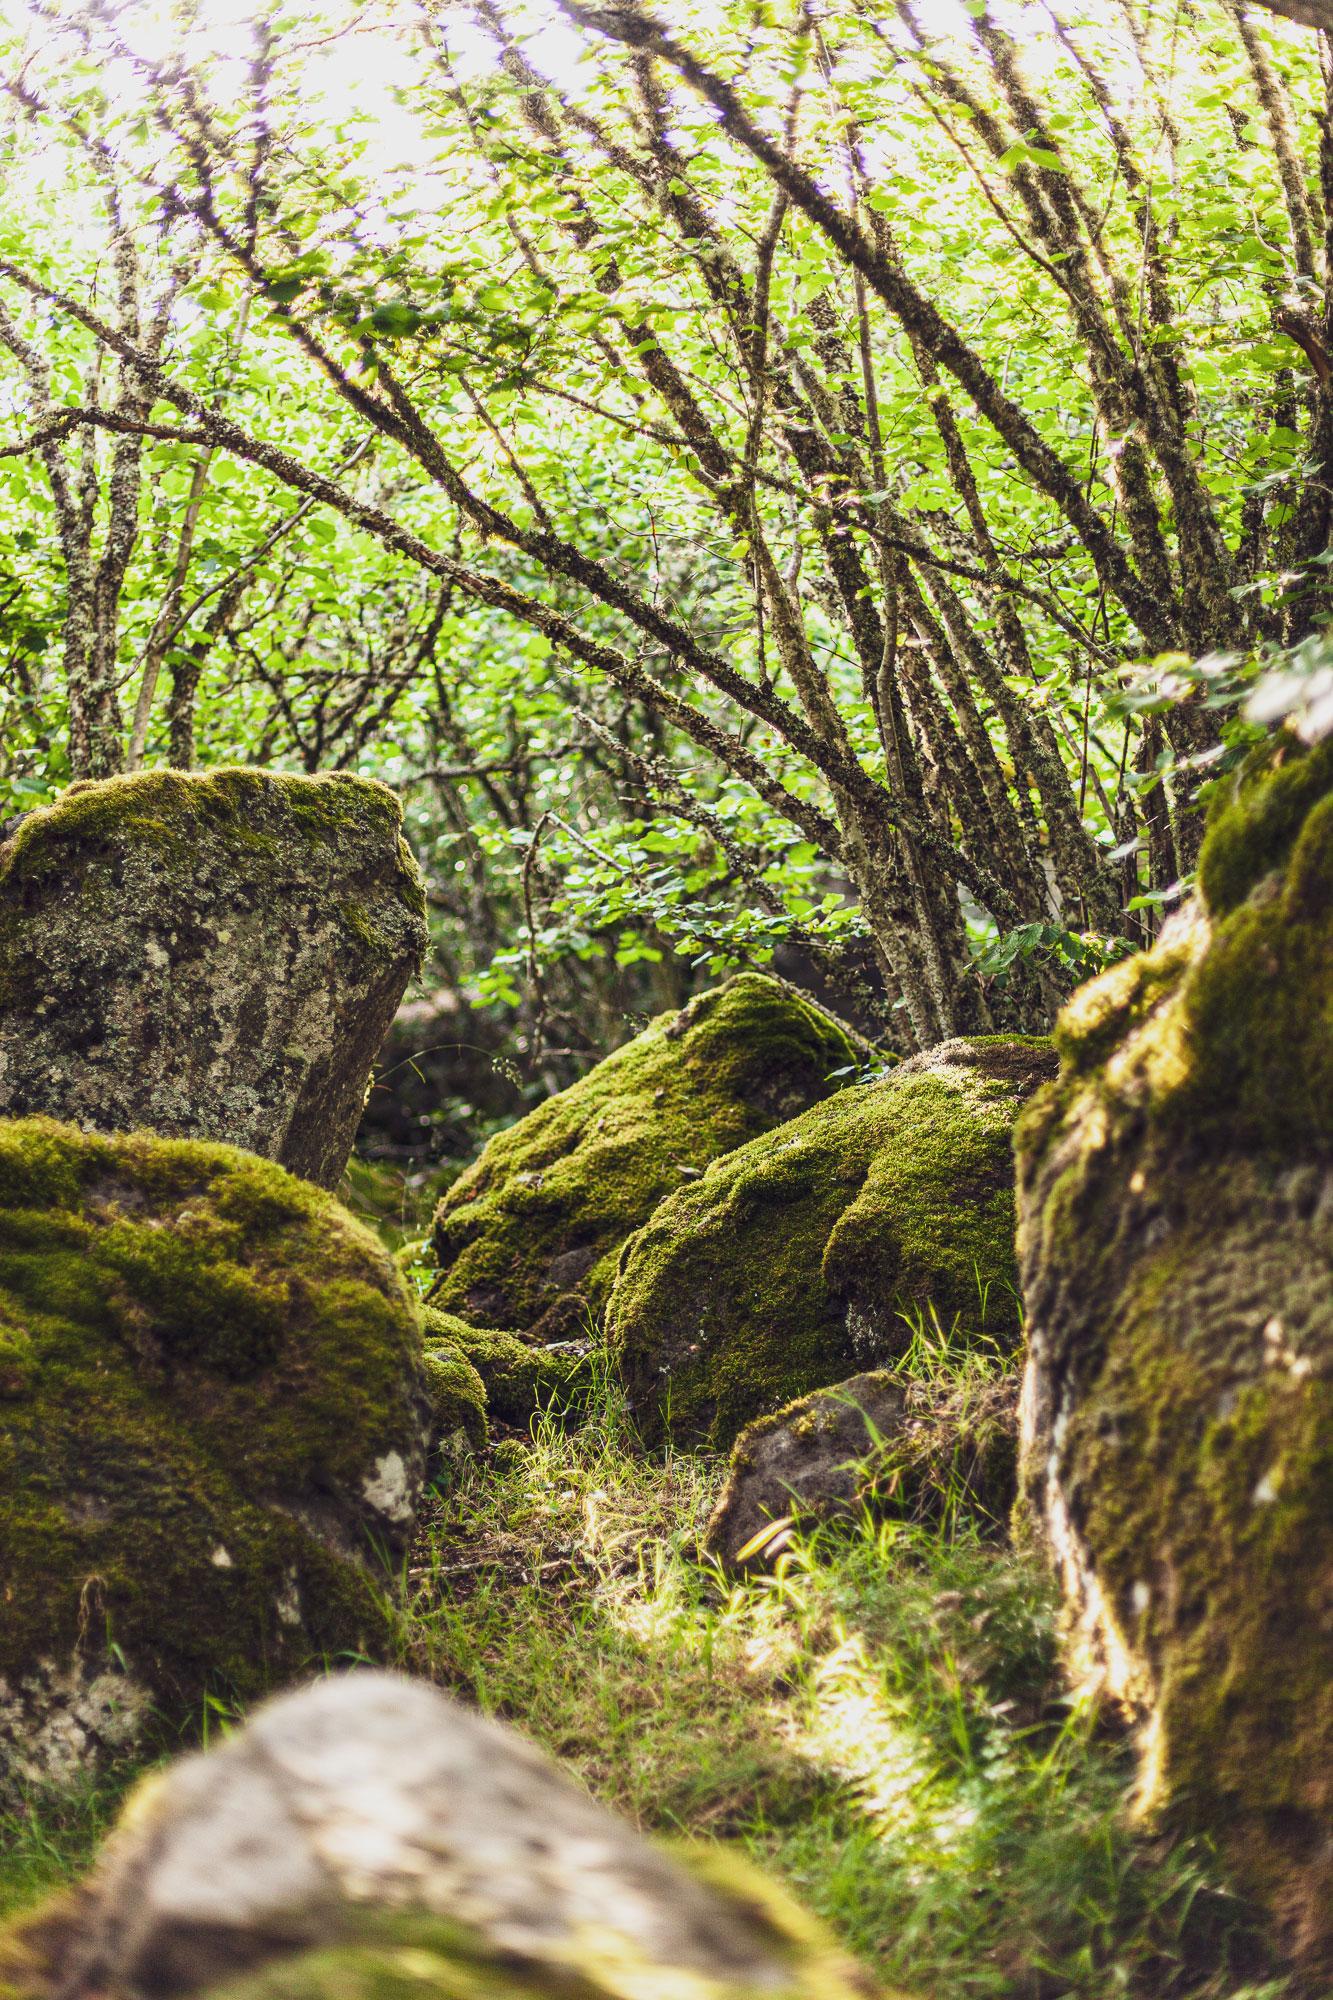 séjour luxe et bien-être en Auvergne